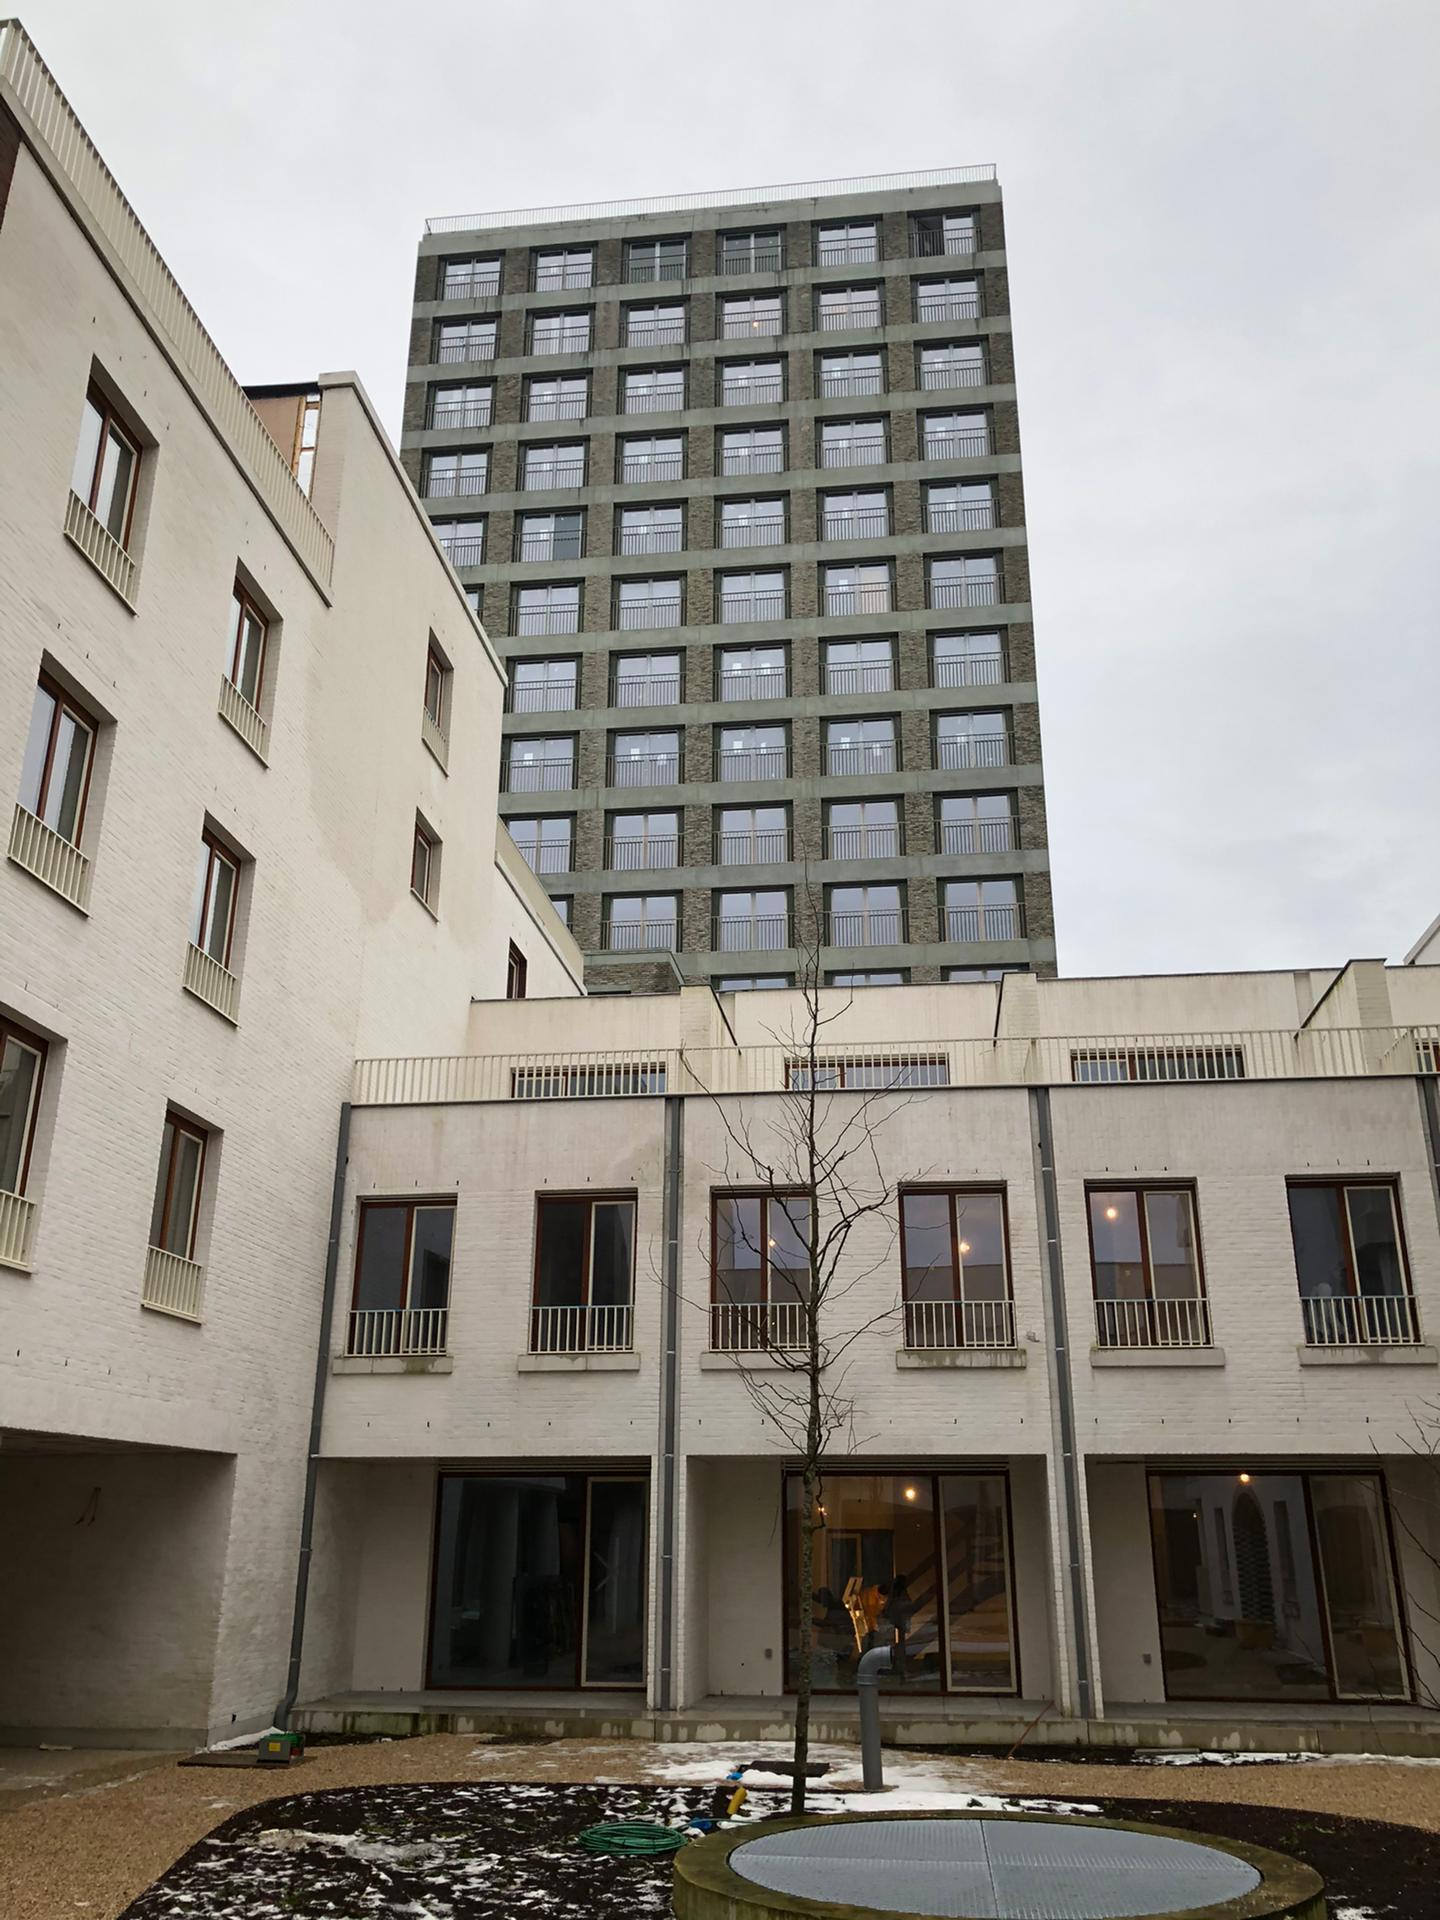 Blowerdoortesten Stapelplein Gent appartementsgebouw